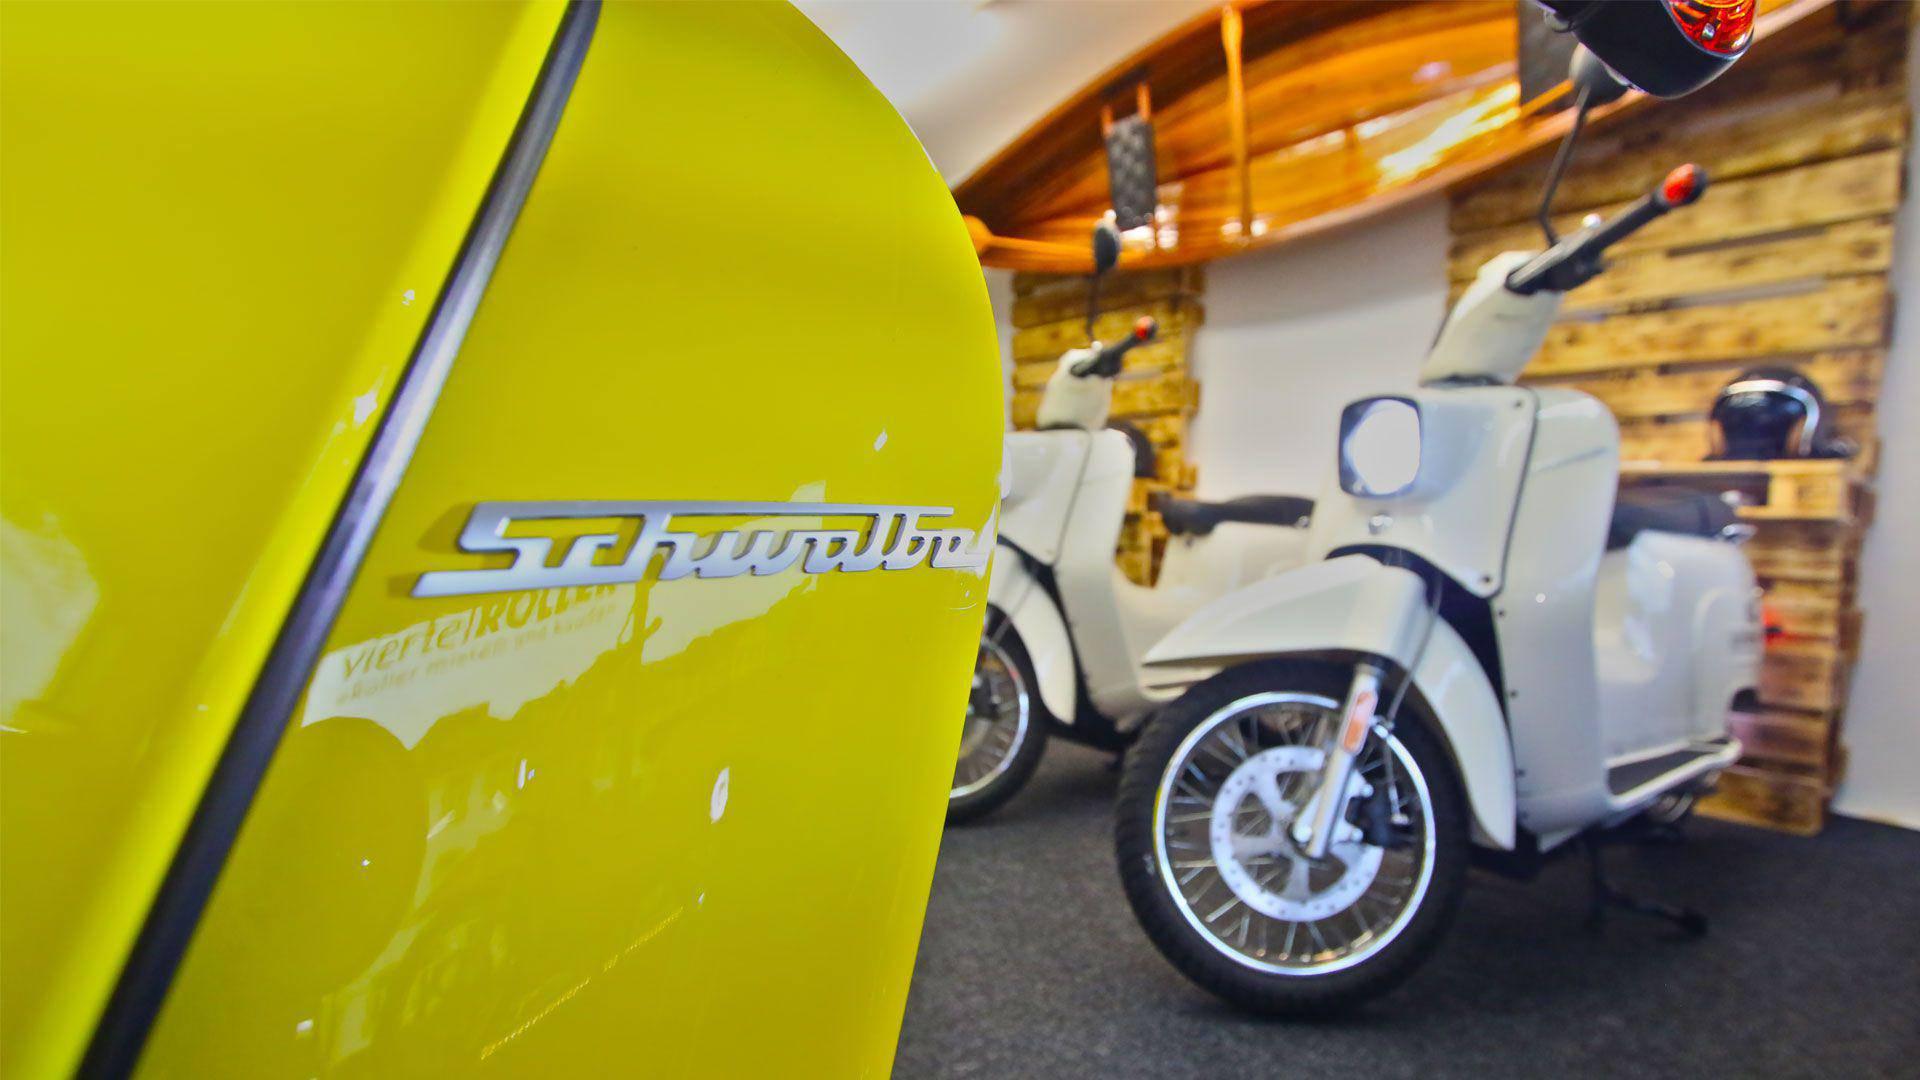 Schriftzug der Firma Schwalbe auf einem gelben Roller, im Hintergrund ein Kanu, zwei Roller und ein Helm, jeweils unscharf gezeichnet